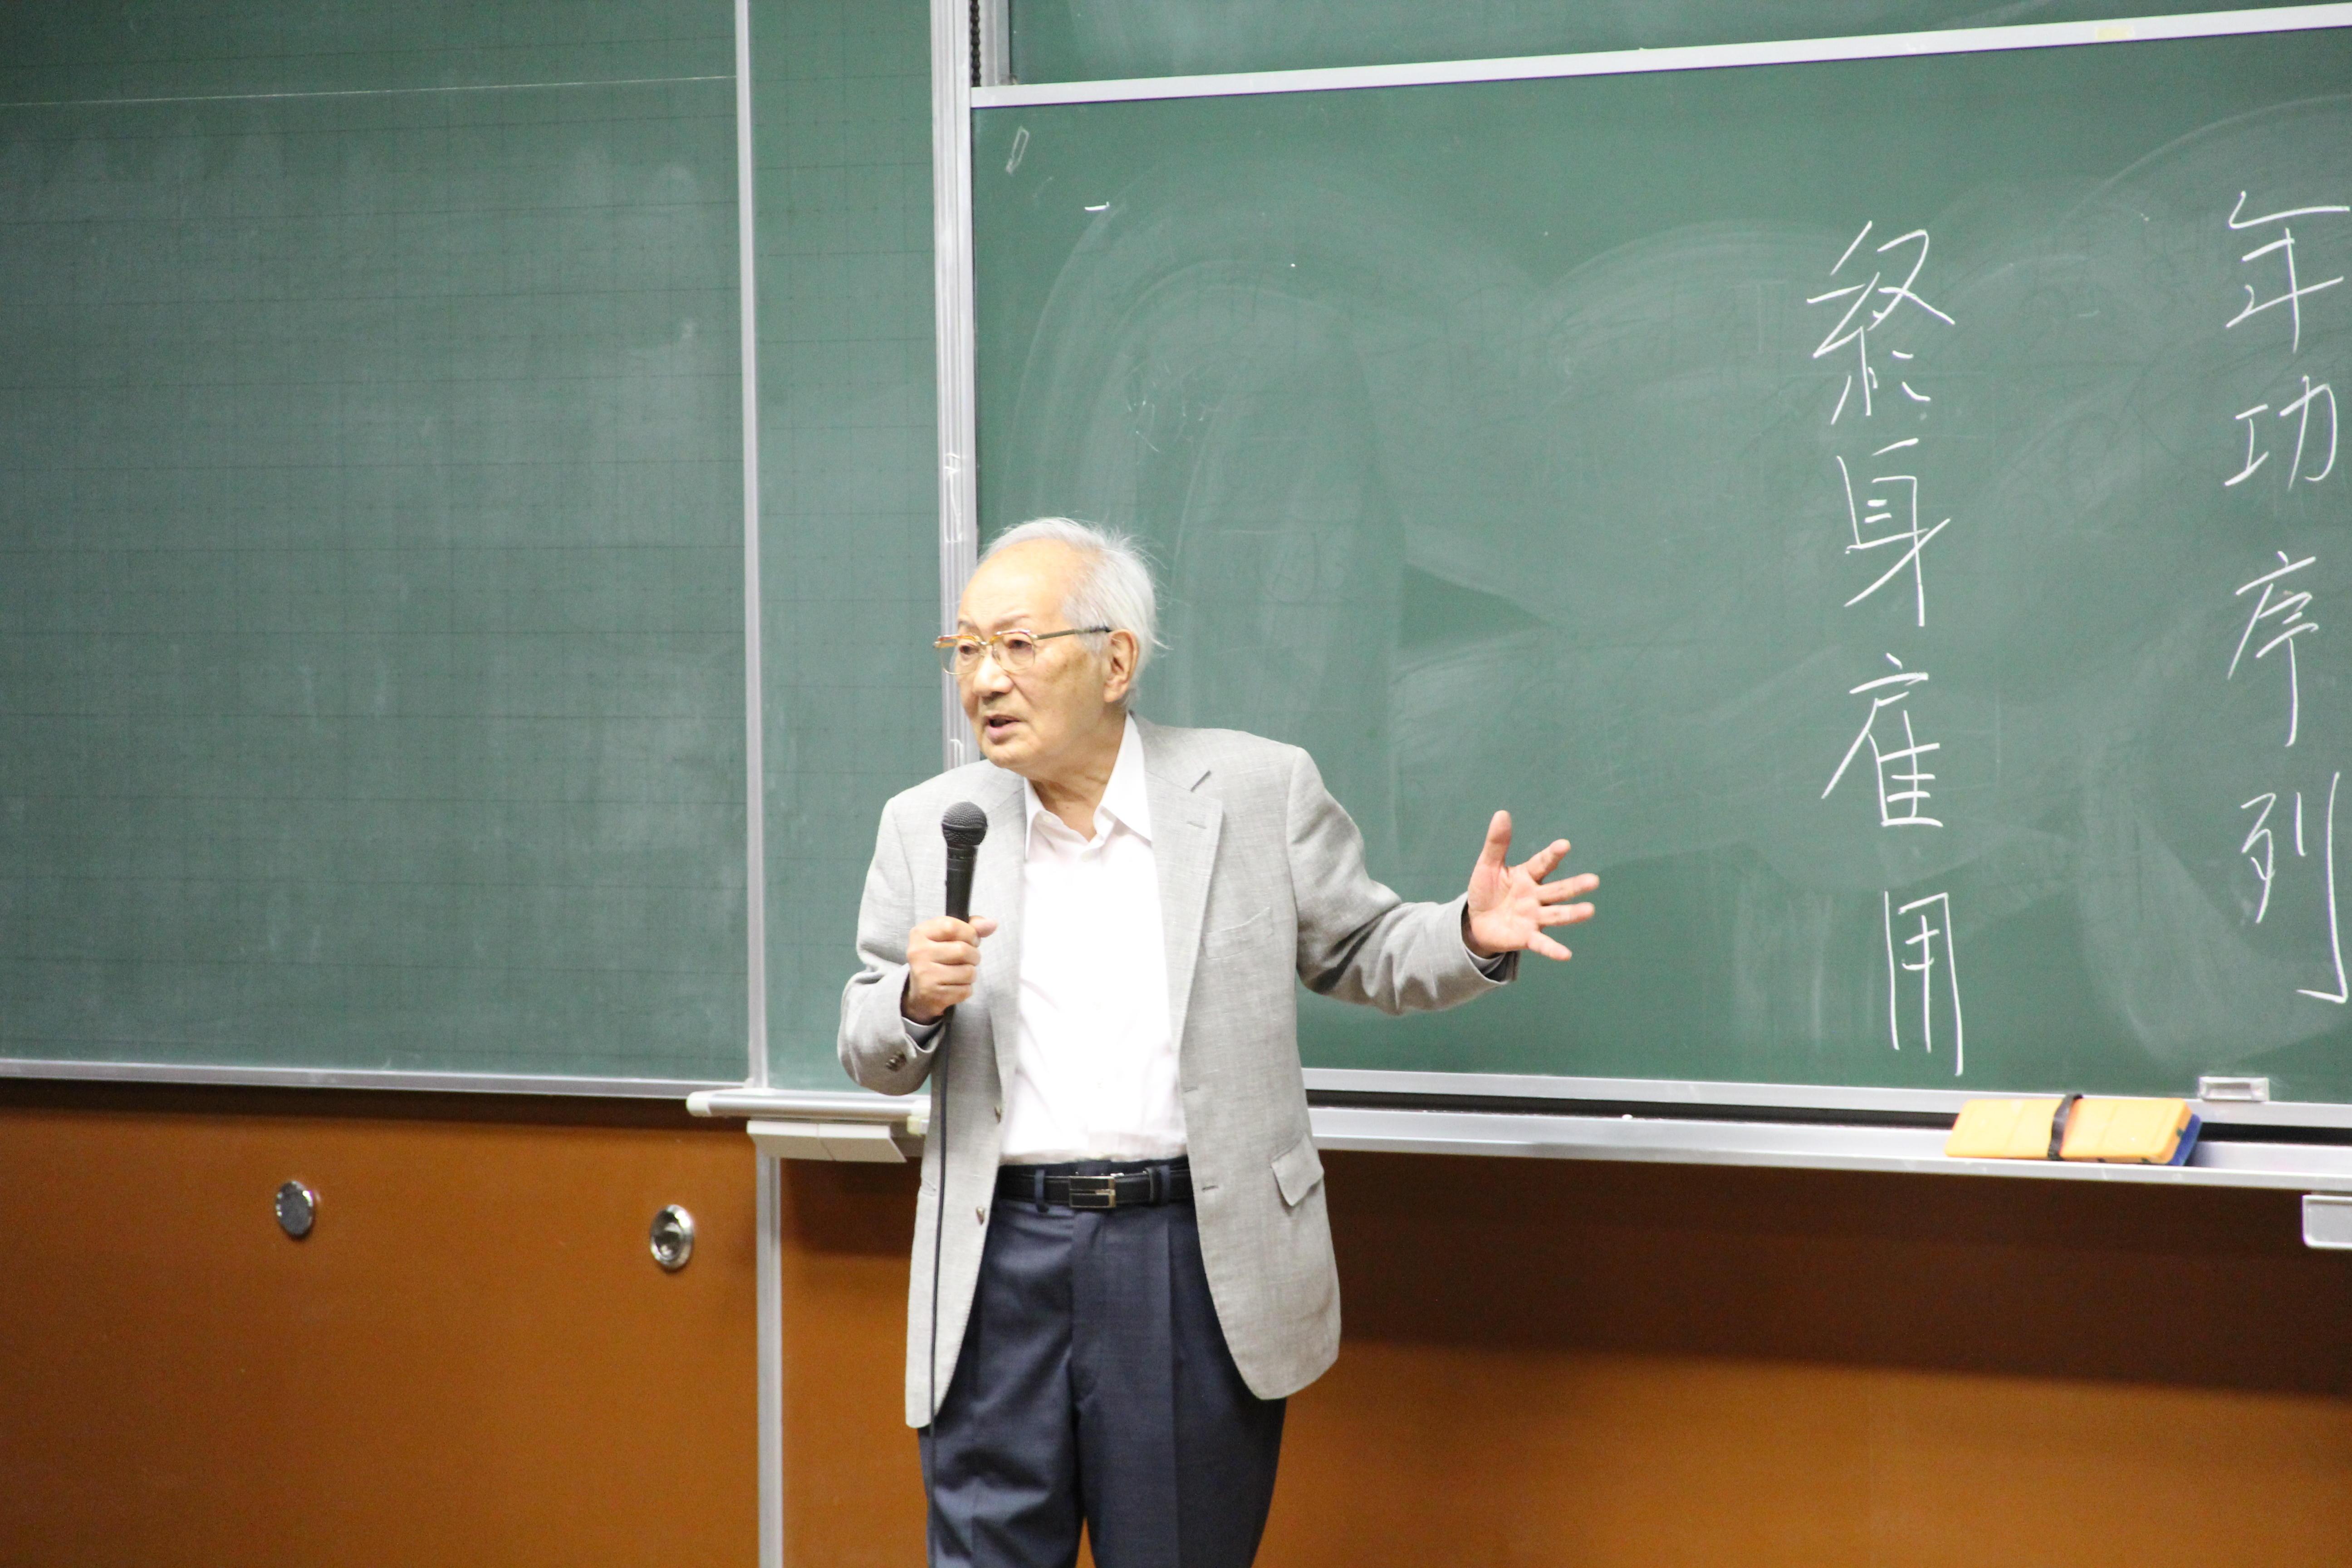 敬愛大学の建学の精神を伝える科目「敬天愛人講座」-- 敬天愛人の教えを実践する「敬愛プログラム」も開講